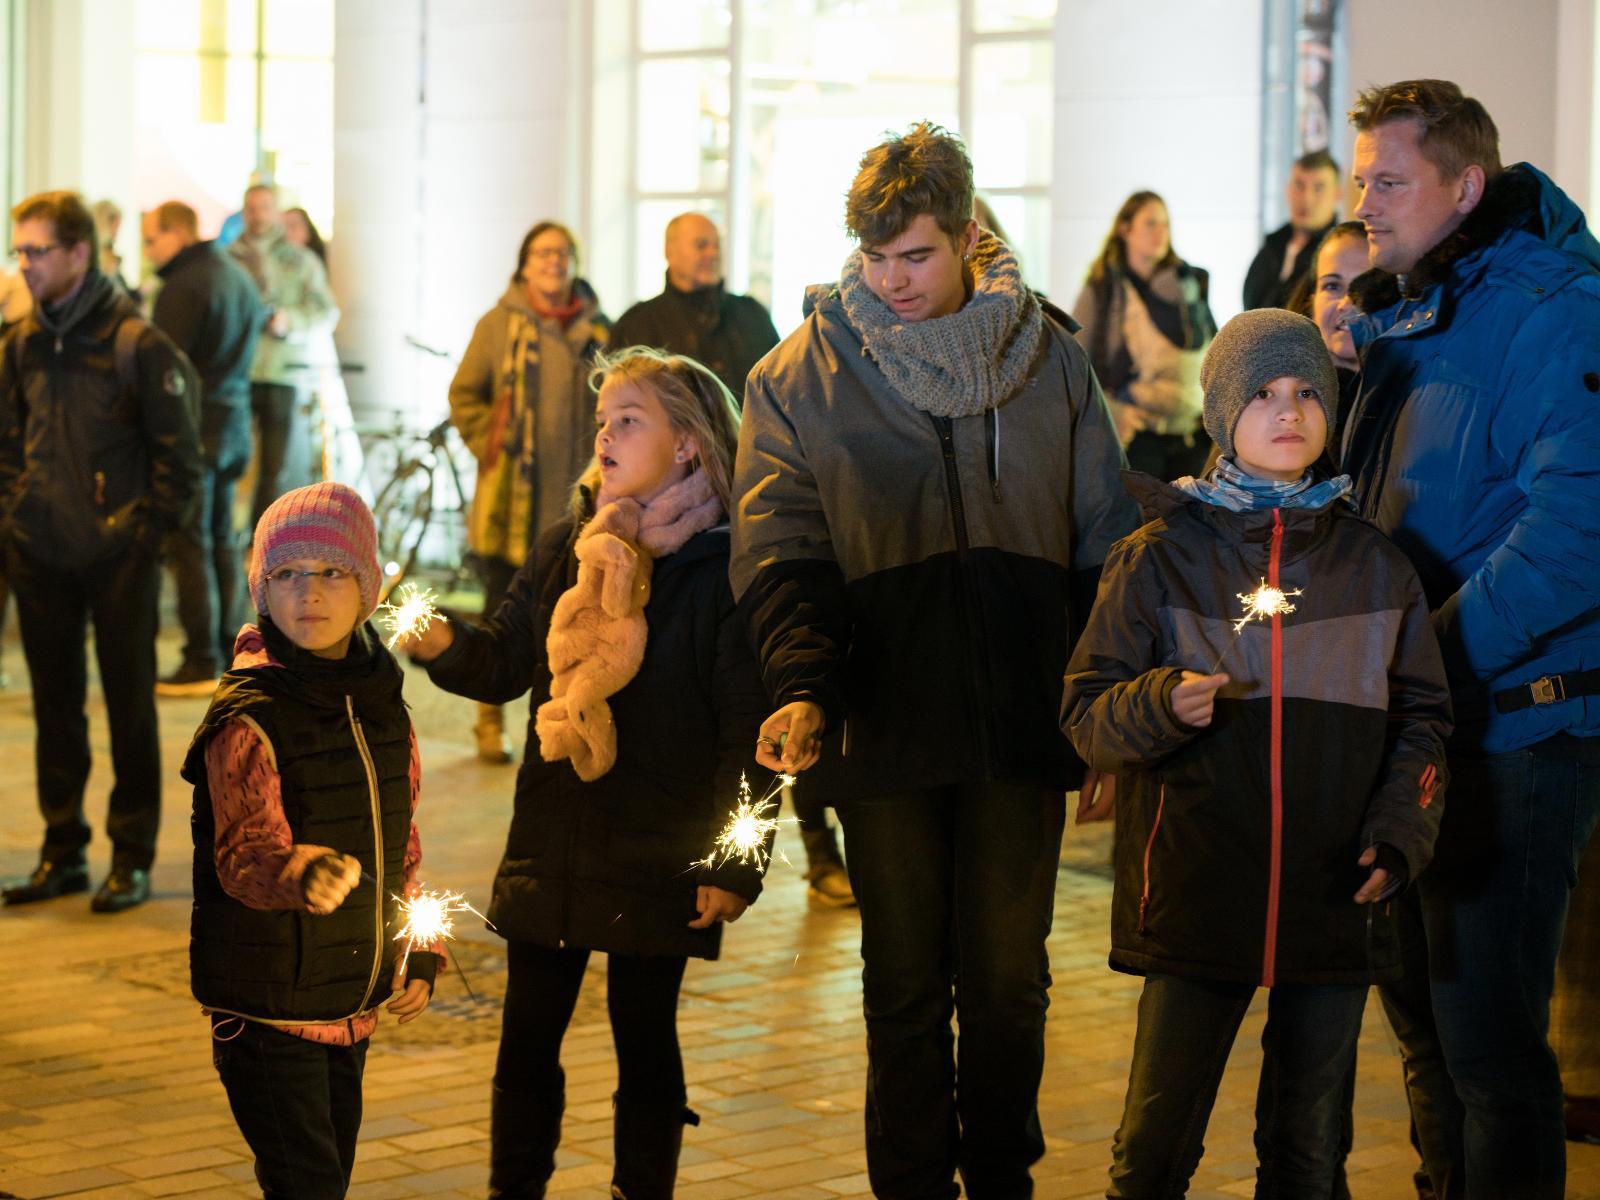 Die Kinder erhellen den Uni-Platz mit Wunderkerzen